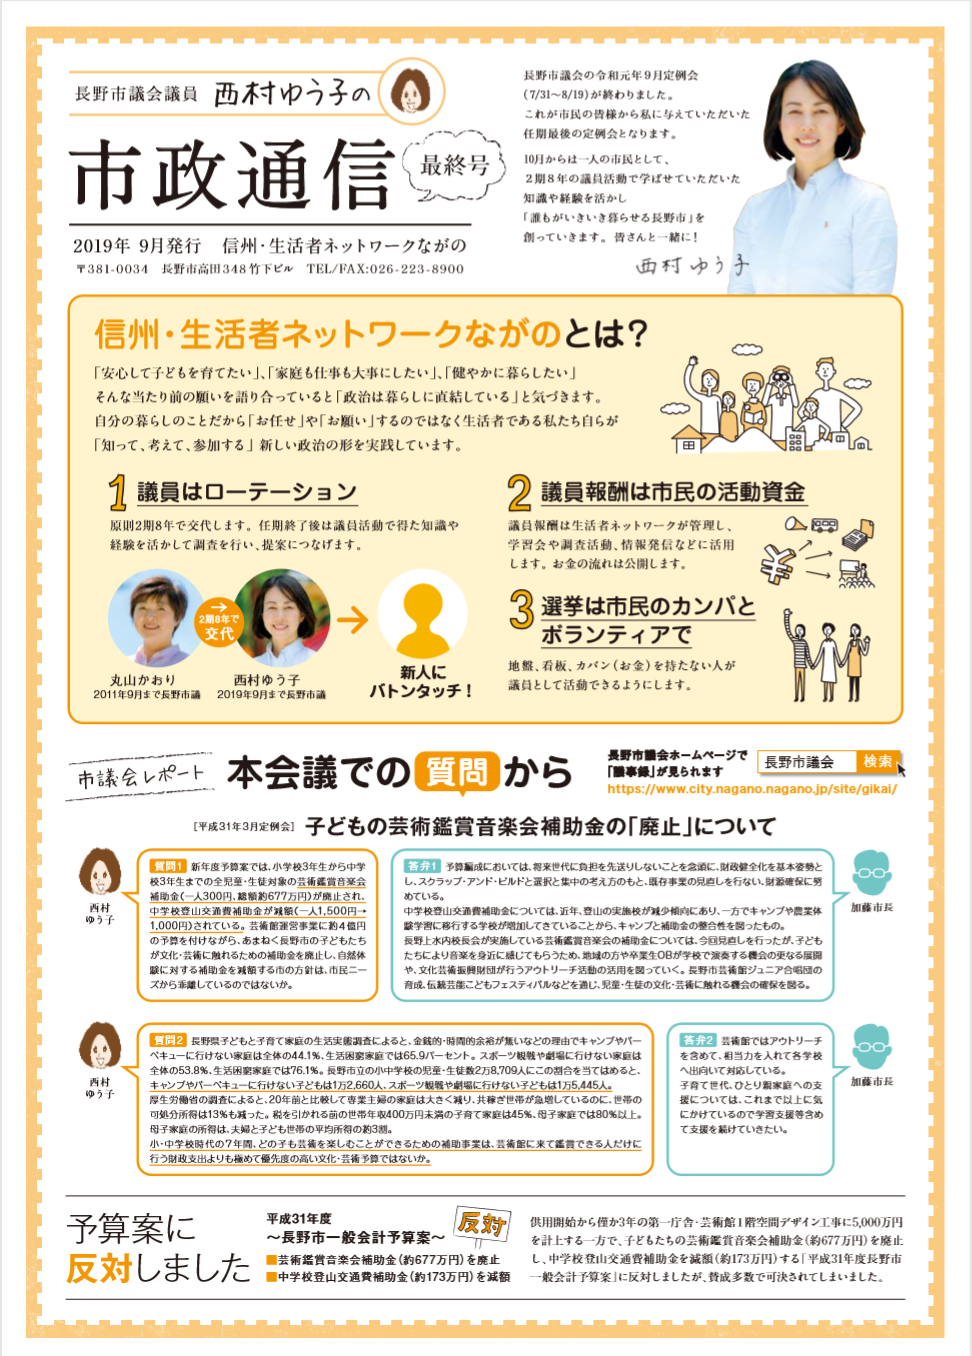 市政通信Vol.4